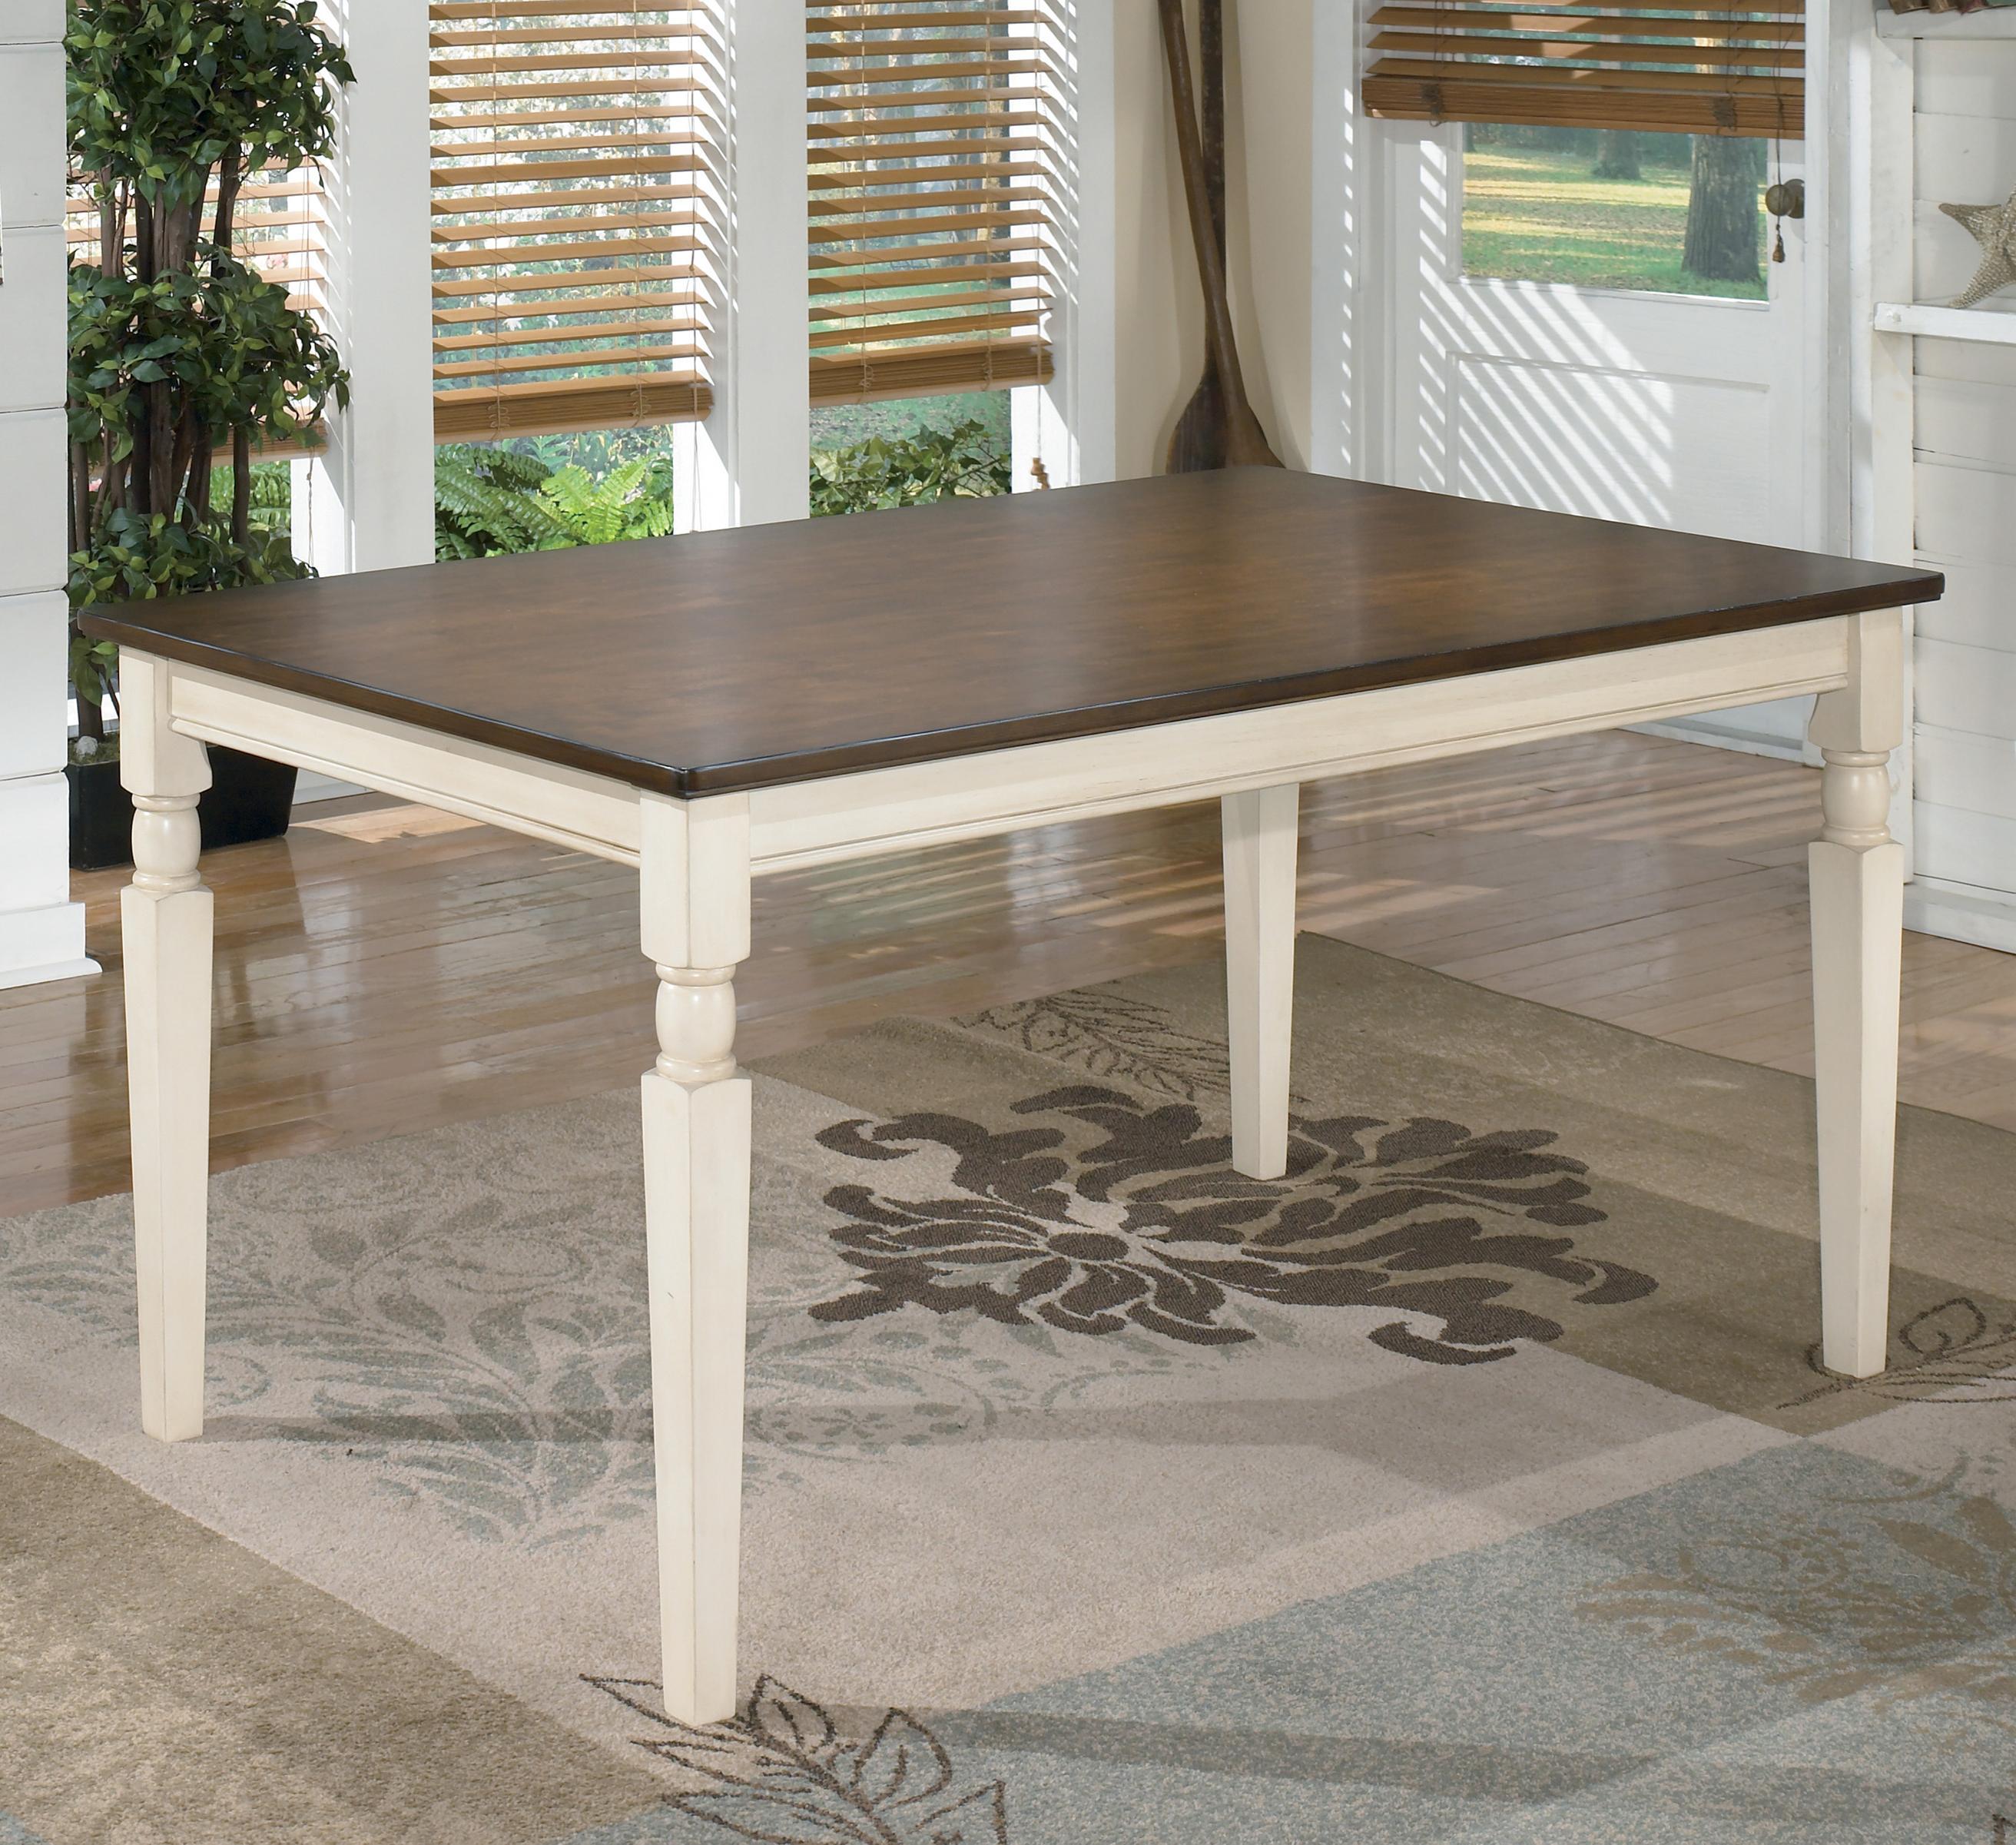 Ashley signature design whitesburg d583 25 rectangular for Whitesburg dining room table